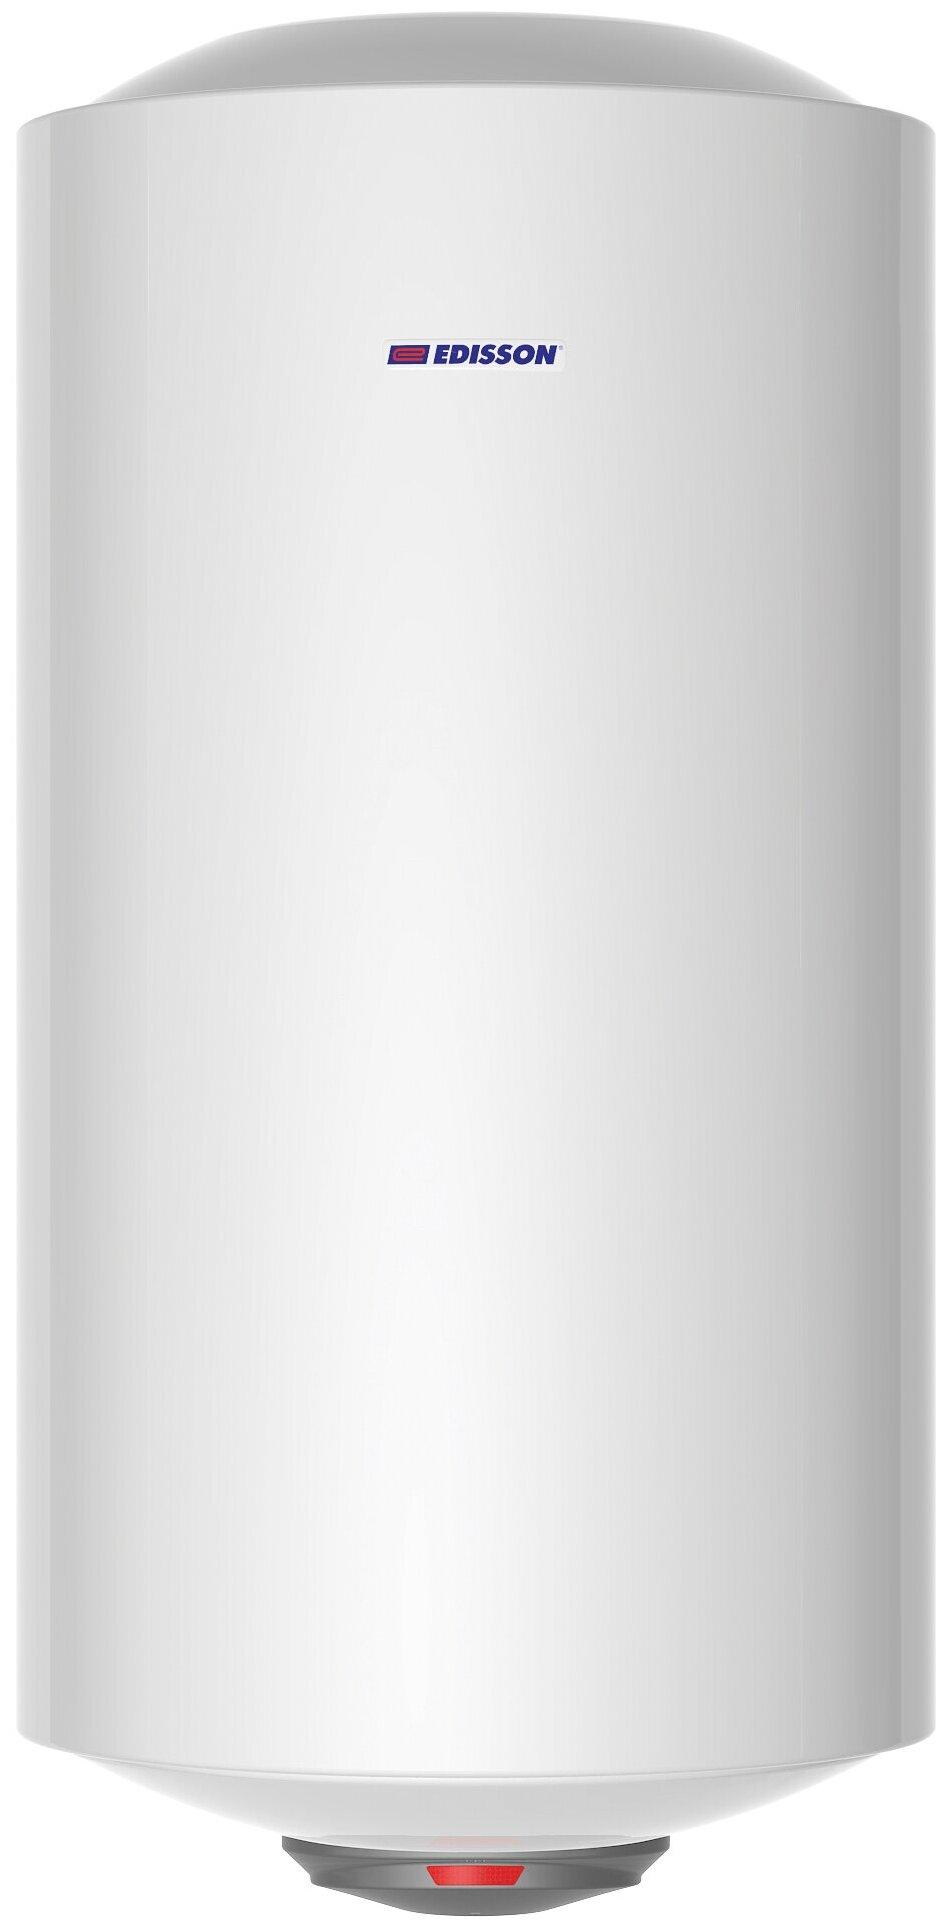 Накопительный электрический водонагреватель Edisson ER 100V